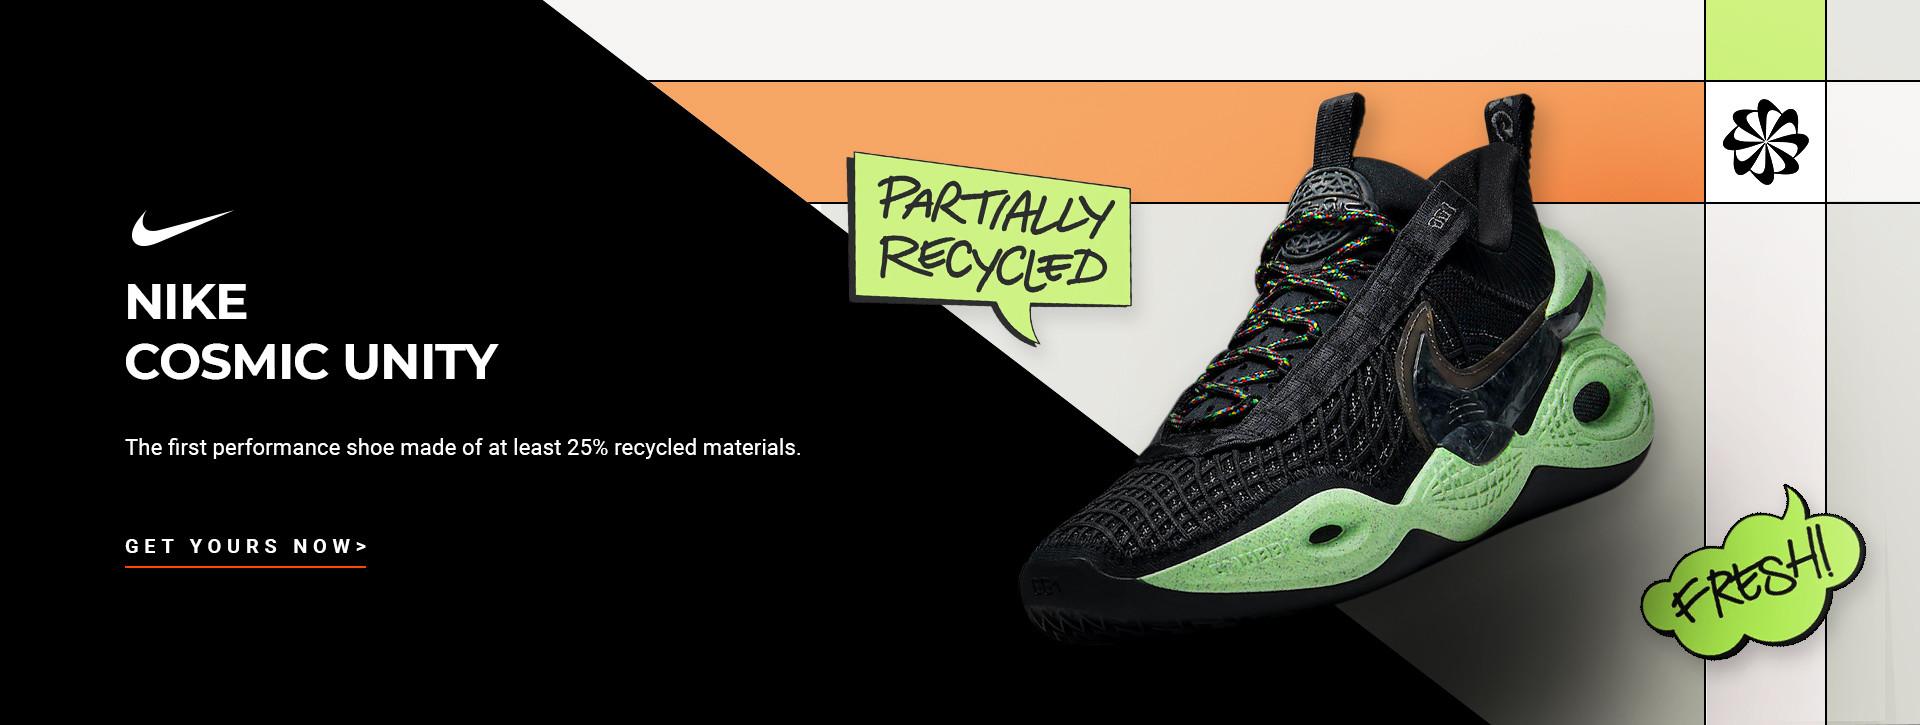 Nike Cosmic Unity